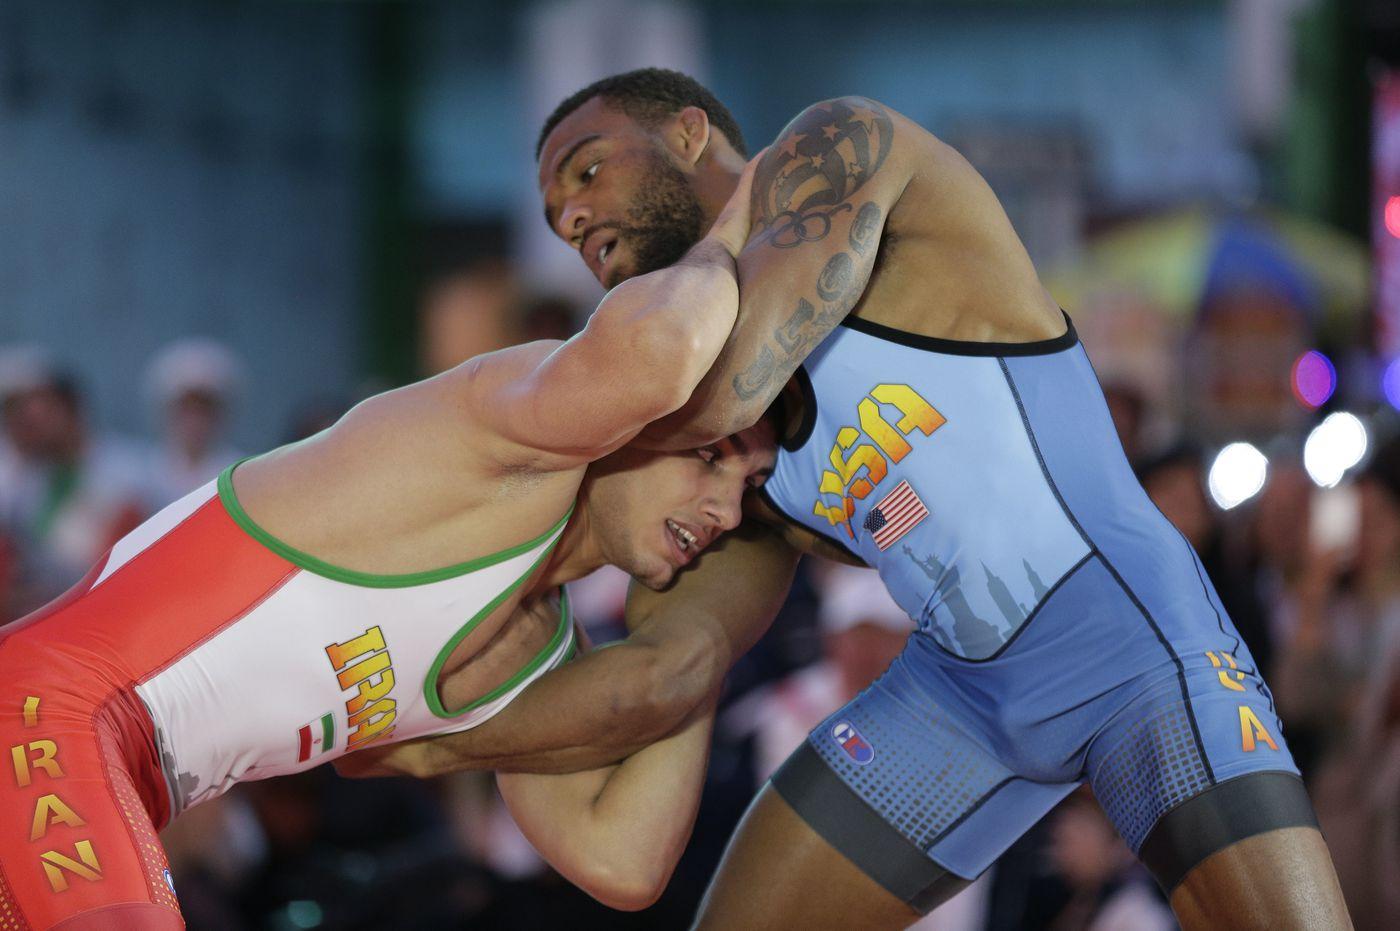 Jordan Burroughs wrestling Iran s Pehman Yarahmadi at an event in New York  in 2016. 16b74a908